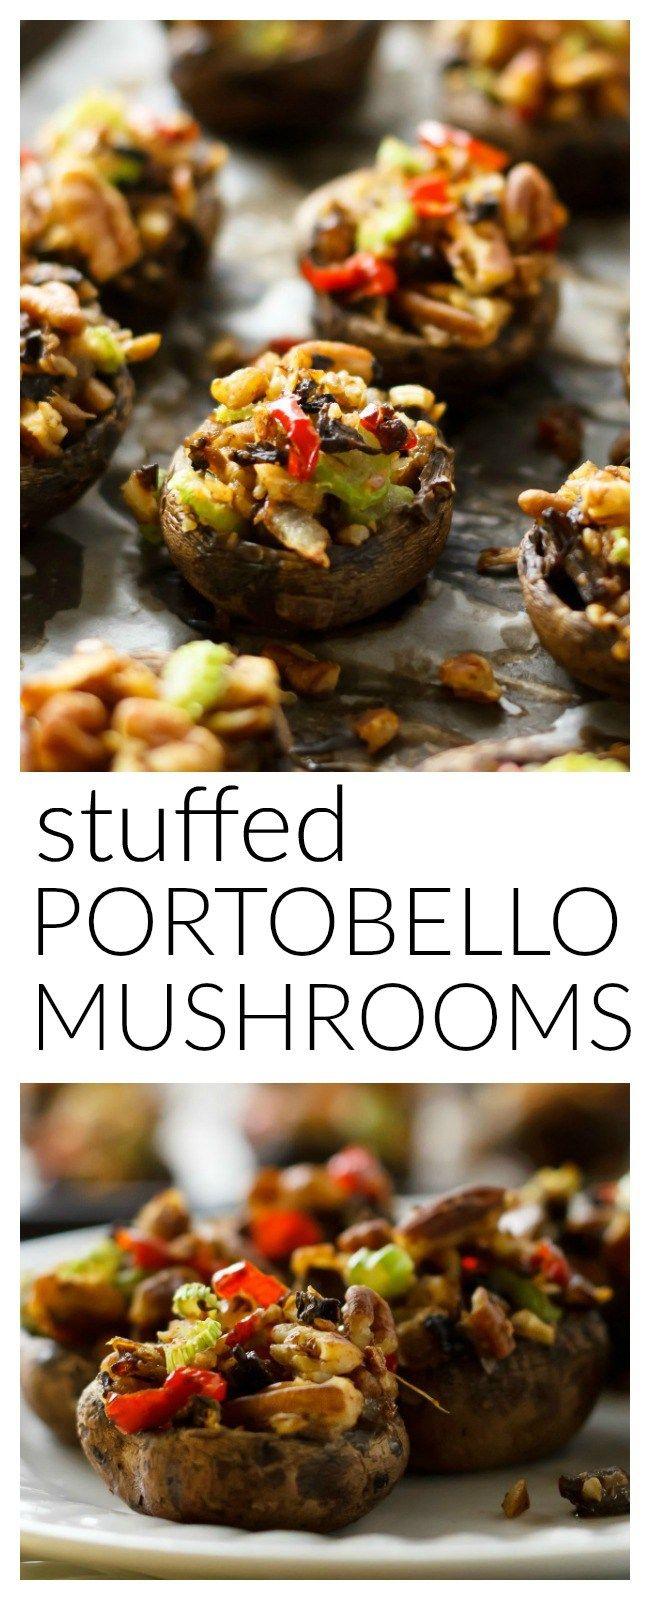 Mushrooms Vegan Recipes